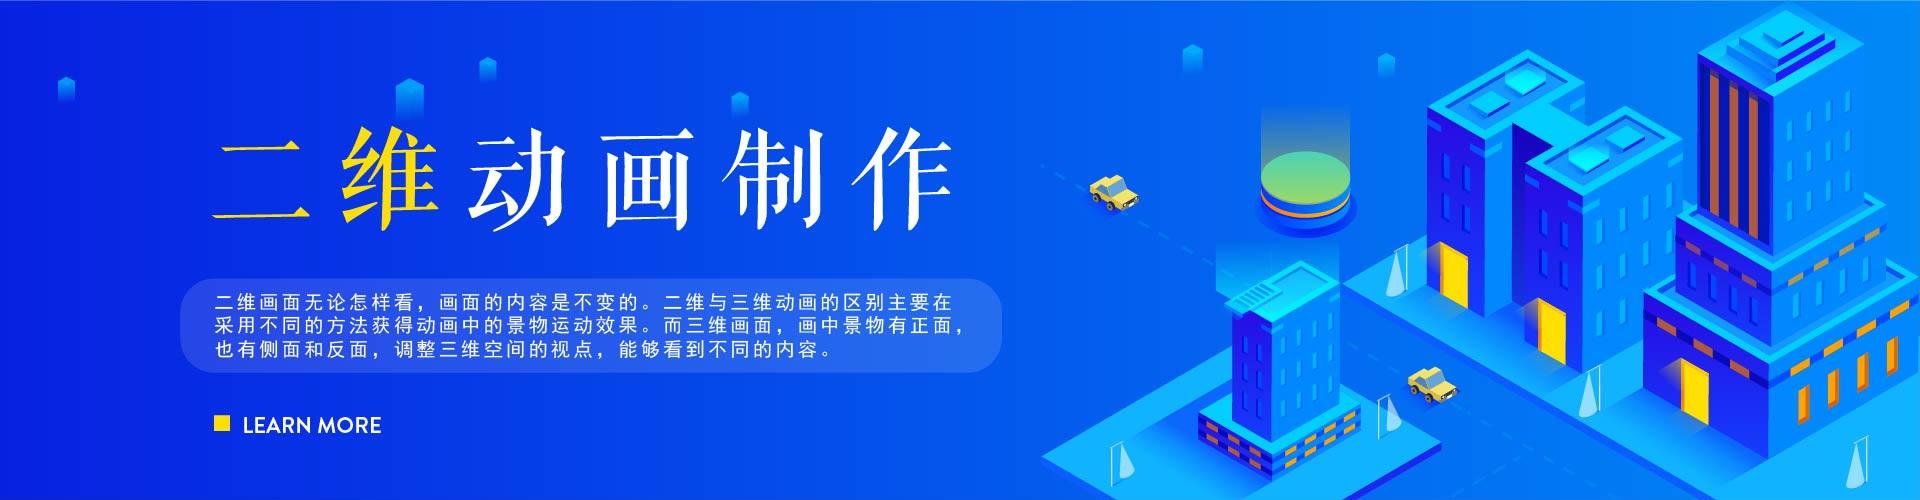 品牌全價值鏈服務商(shang)